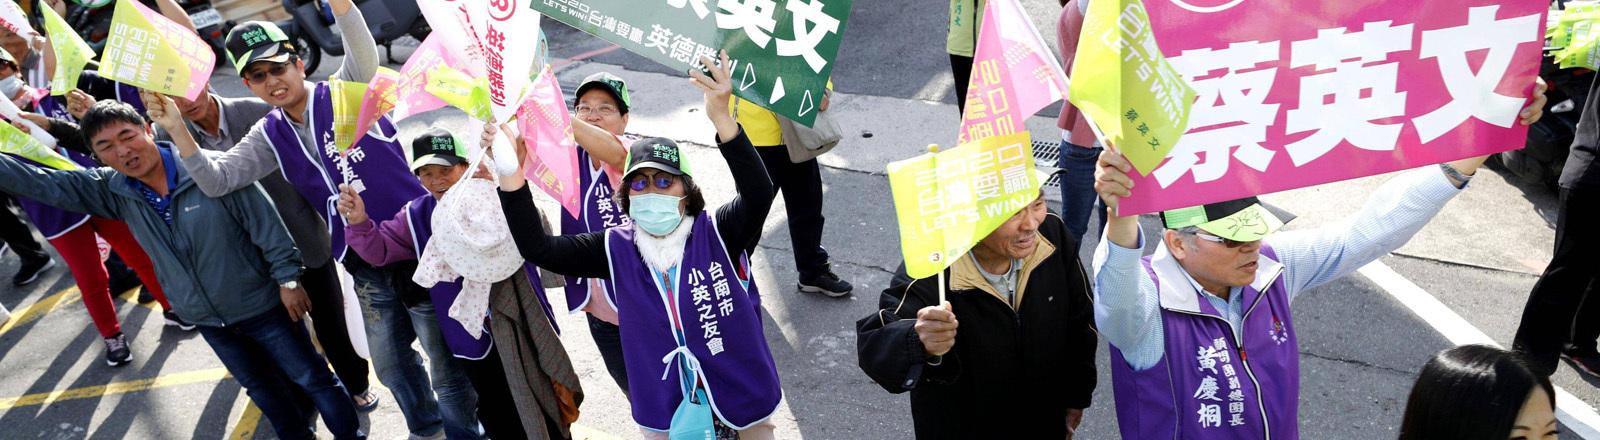 Demonstranten in Taiwan mit bunten Schildern